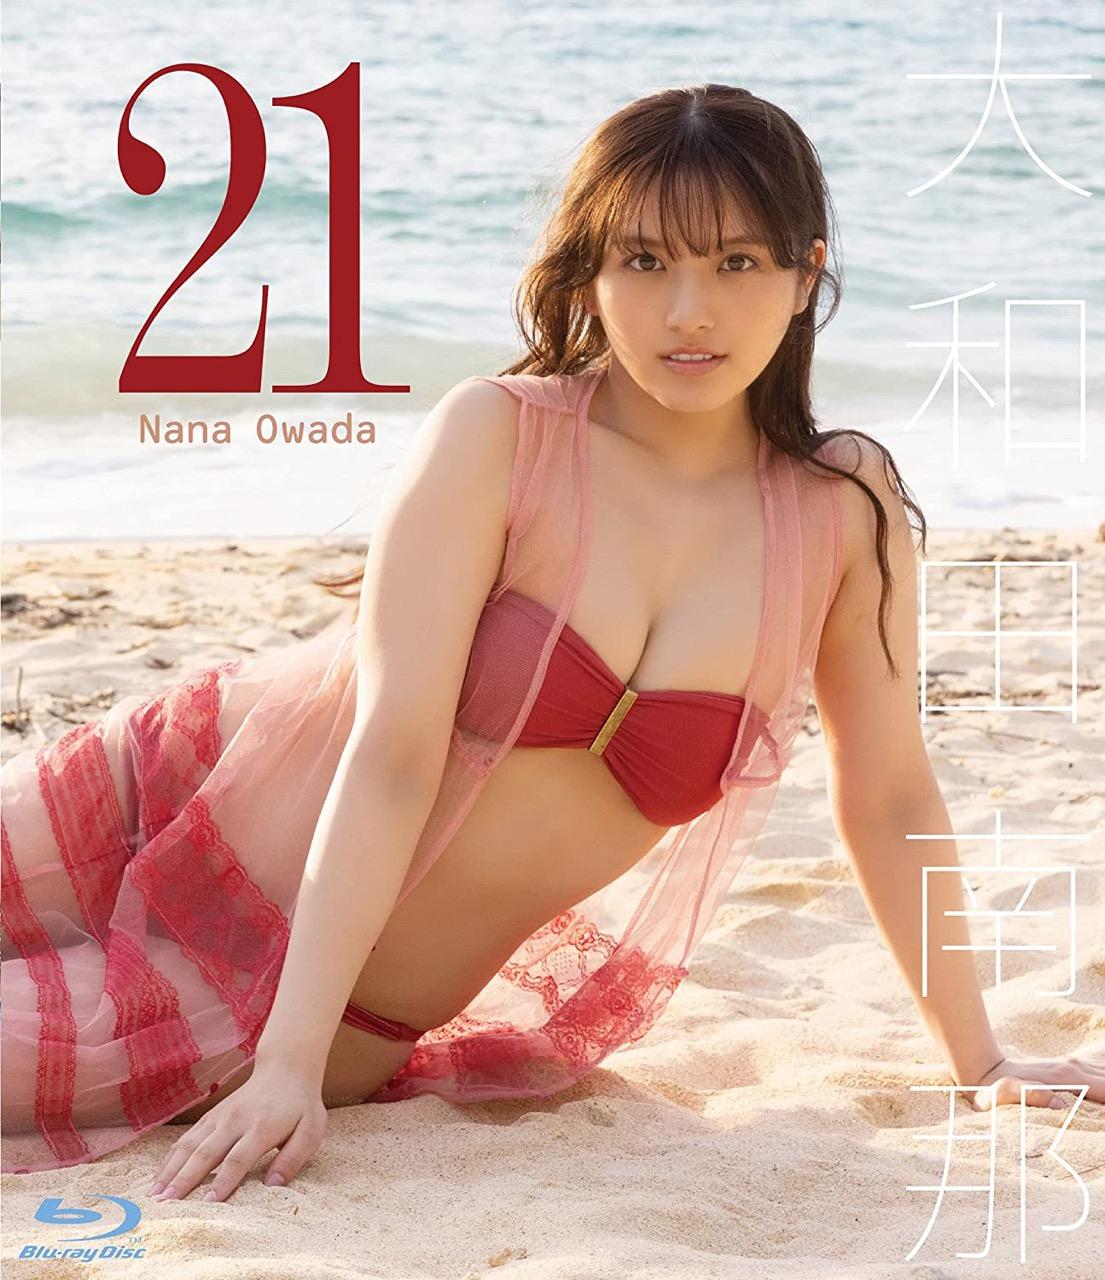 大和田南那 1st DVD&Blu-ray「21」本日7/21発売!